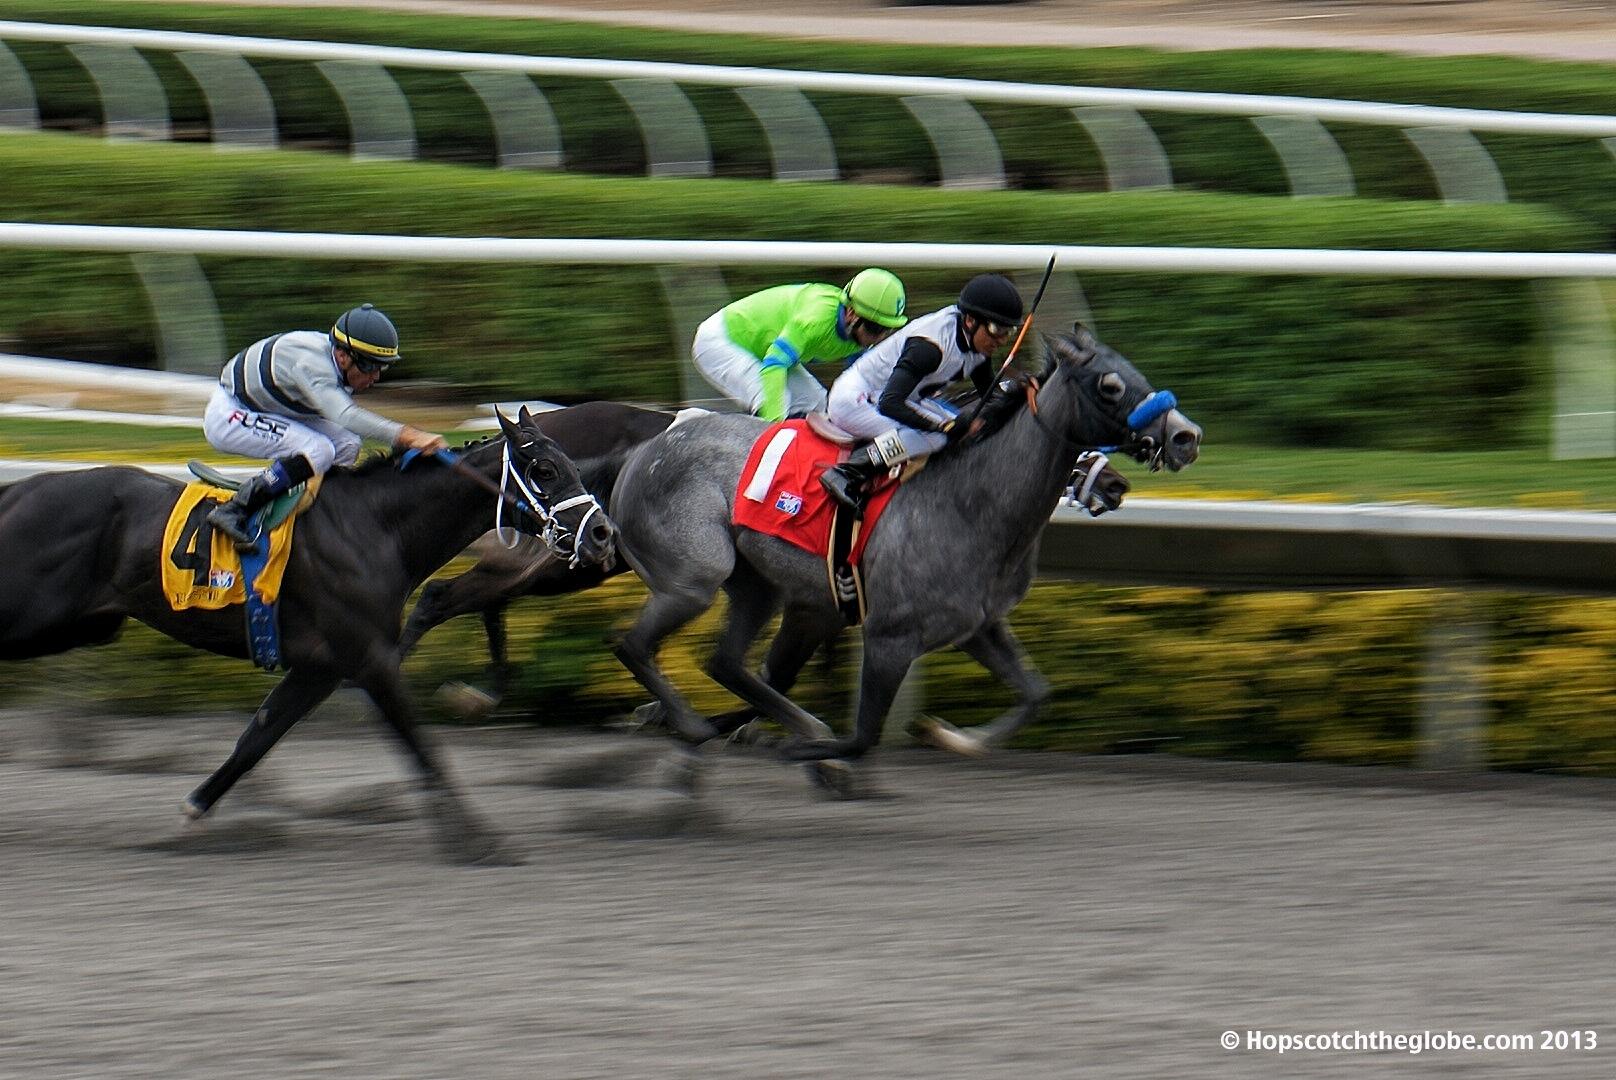 Horse Racing at Del Mar